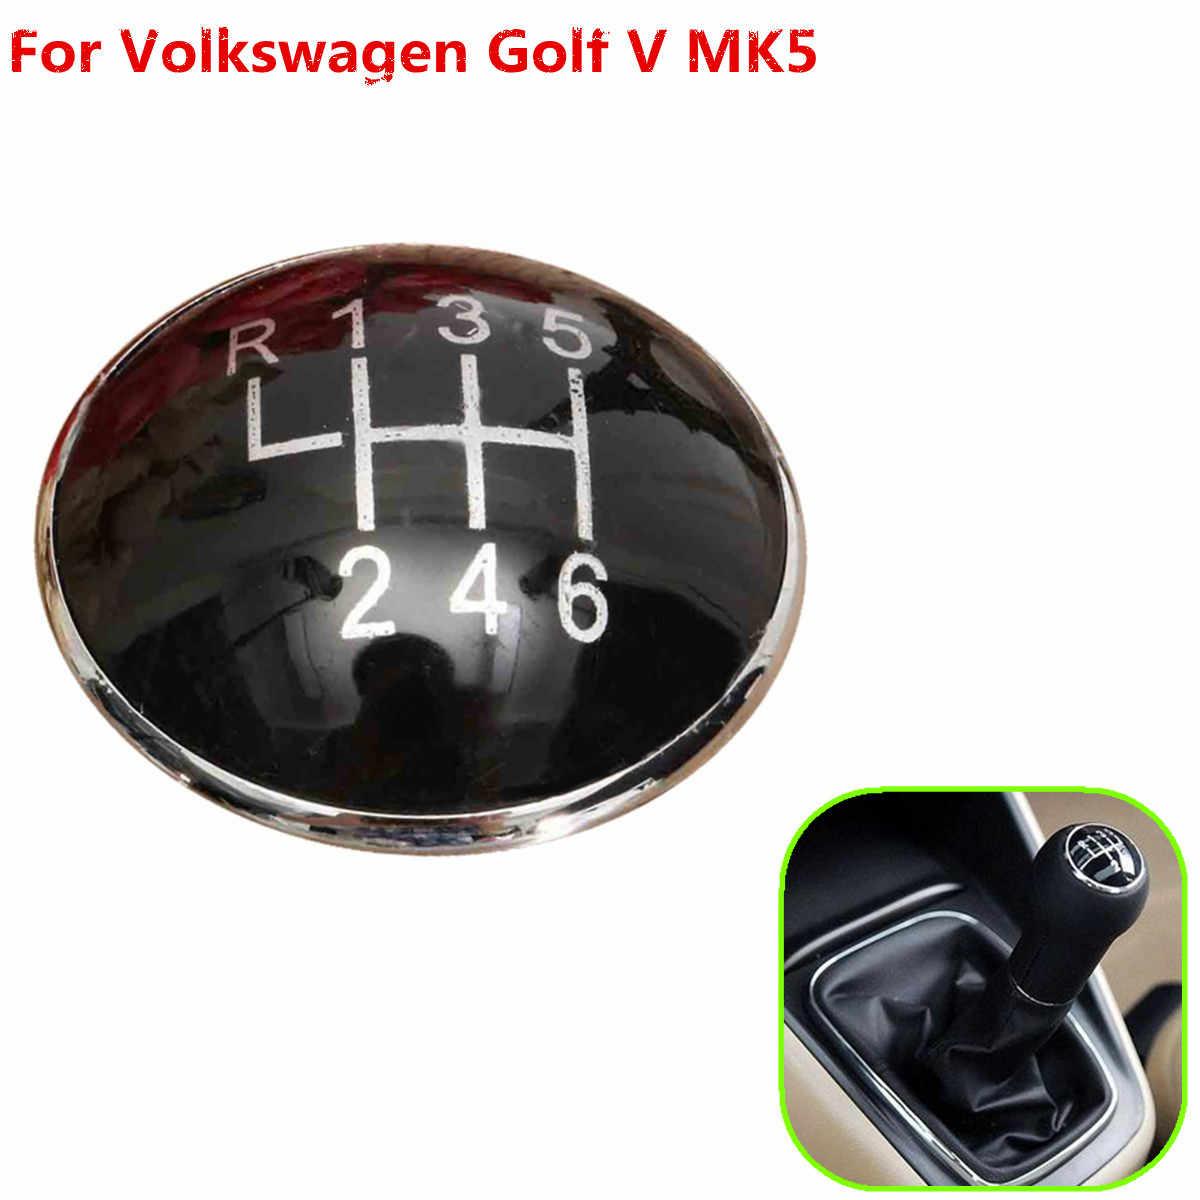 5 Tốc Độ 6 Tốc Độ Đen Gear Núm Quốc Huy Huy Hiệu Mũ Phù Hợp Với Xe Volkswagen Golf V MK5 2003-2009